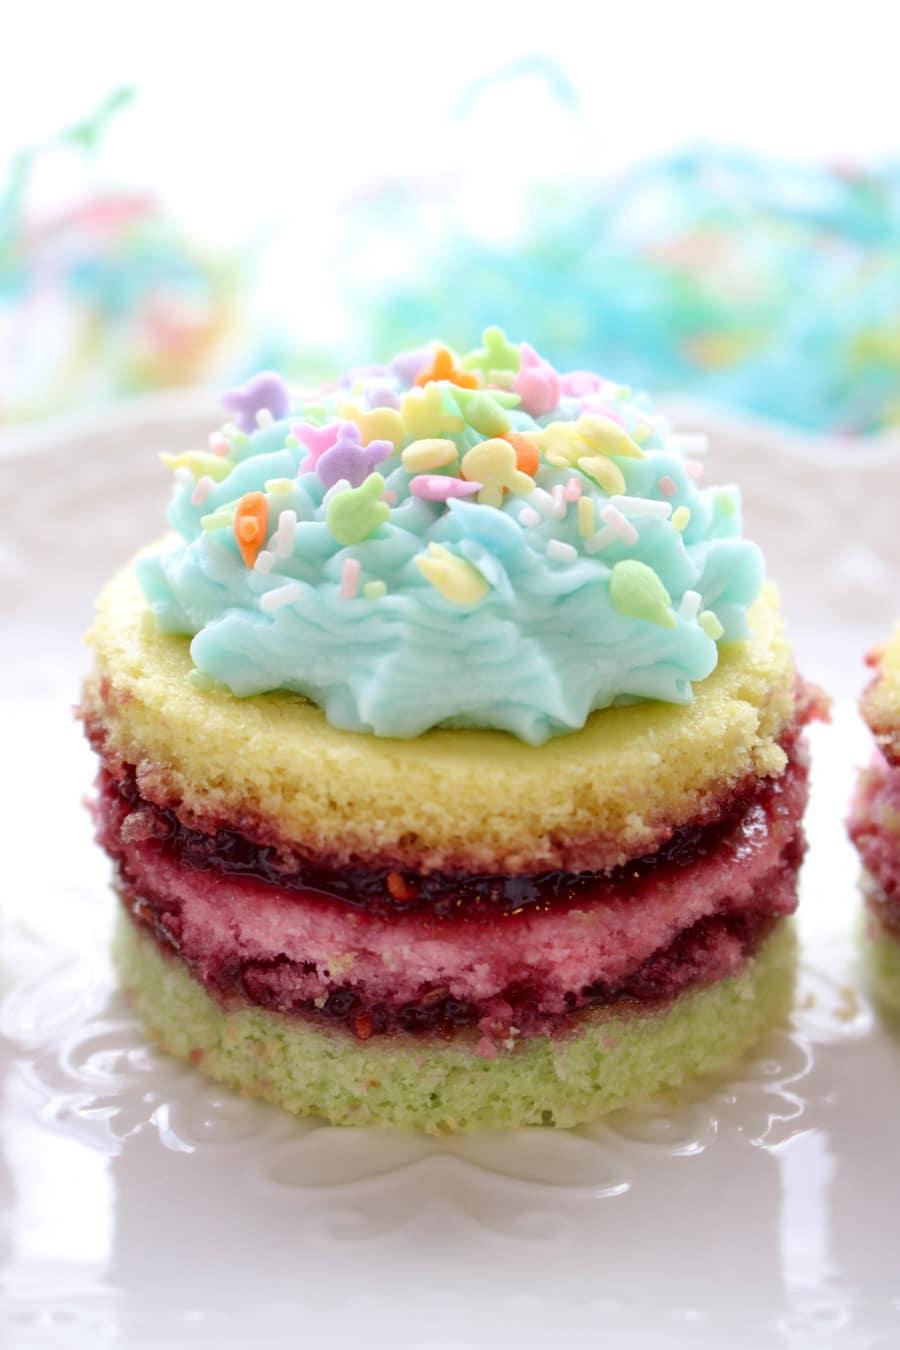 1 Mini layer cake